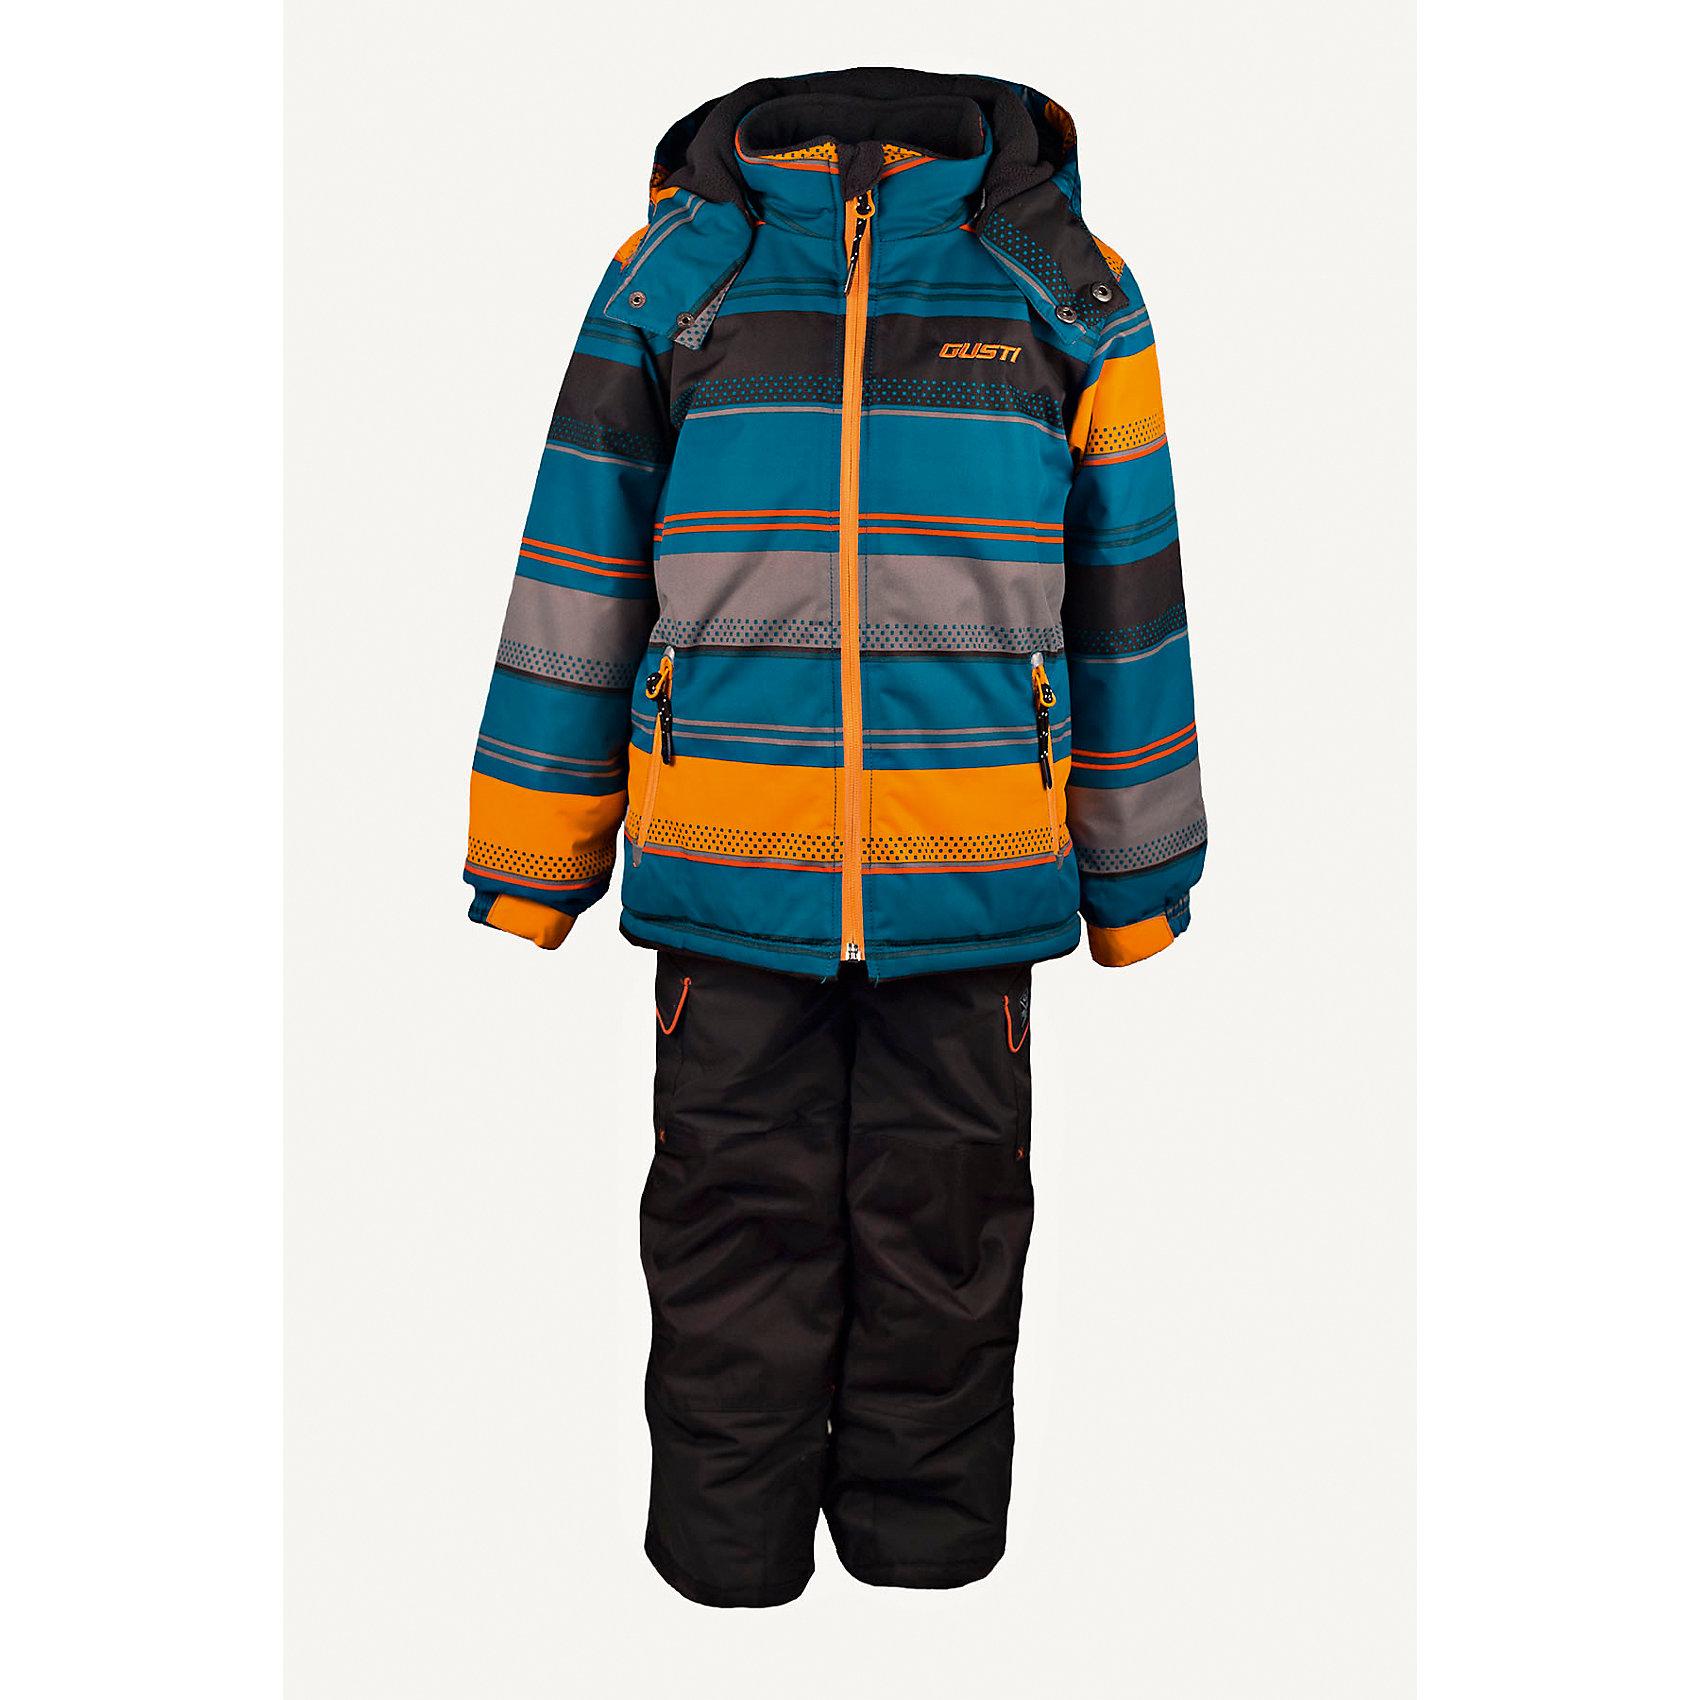 Комплект: куртка и полукомбинезон GUSTIВерхняя одежда<br>Комплект: куртка и полукомбинезон GUSTI (ГУСТИ) – это идеальный вариант для суровой зимы с сильными морозами.<br><br>Температурный режим: до -30  градусов. Степень утепления – высокая. <br><br>* Температурный режим указан приблизительно — необходимо, прежде всего, ориентироваться на ощущения ребенка. Температурный режим работает в случае соблюдения правила многослойности – использования флисовой поддевы и термобелья.<br><br>Комплект от GUSTI (ГУСТИ) состоит из куртки и полукомбинезона прямого кроя, выполненных из плотного непромокаемого материала с защитной от влаги мембраной 5000 мм. Тань хорошо сохраняет тепло, отталкивает влагу и позволяет коже ребенка дышать. Утеплитель из тек-полифилла и флисовая внутренняя отделка на груди и на спинке дают возможность использовать комплект при очень низких температурах. Куртка застегивается на молнию, имеет боковые карманы на застежках-молниях, снегозащитную юбку, трикотажные манжеты в рукавах, отстёгивающийся прилегающий капюшон с флисовой подкладкой. Низ рукавов регулируется с помощью липучек. Полукомбинезон застегивается на молнию, имеет два накладных кармана с клапанами на липучках, регулируемые лямки, снегозащитные гетры. Длина брючин регулируется (отворот с креплением на липе). Сзади, на коленях, и по низу брючин имеется дополнительный слой ткани Cordura Oxford (сверхстойкий полиэстер). До размера 6х (120 см.) у полукомбинезона высокая грудка, в размерах 7 (122 см.) - 14 (164см) отстегивающаяся спинка, грудки нет. Модель подходит для прогулок на морозе до -30 градусов.<br><br>Дополнительная информация:<br><br>- Сезон: зима<br>- Пол: мальчик<br>- Цвет: серый, синий, желтый, черный<br>- Узор: полоска<br>- Температурный режим до -30 градусов<br>- Материал верха: куртка - shuss 5000мм (100% полиэстер); брюки - taslan 5000мм, накладки Cordura Oxford сзади, на коленях, и по низу брючин<br>- Наполнитель: куртка - тек-полифилл плотностью 283 гр/м (10 унций) 100% полиэстер;